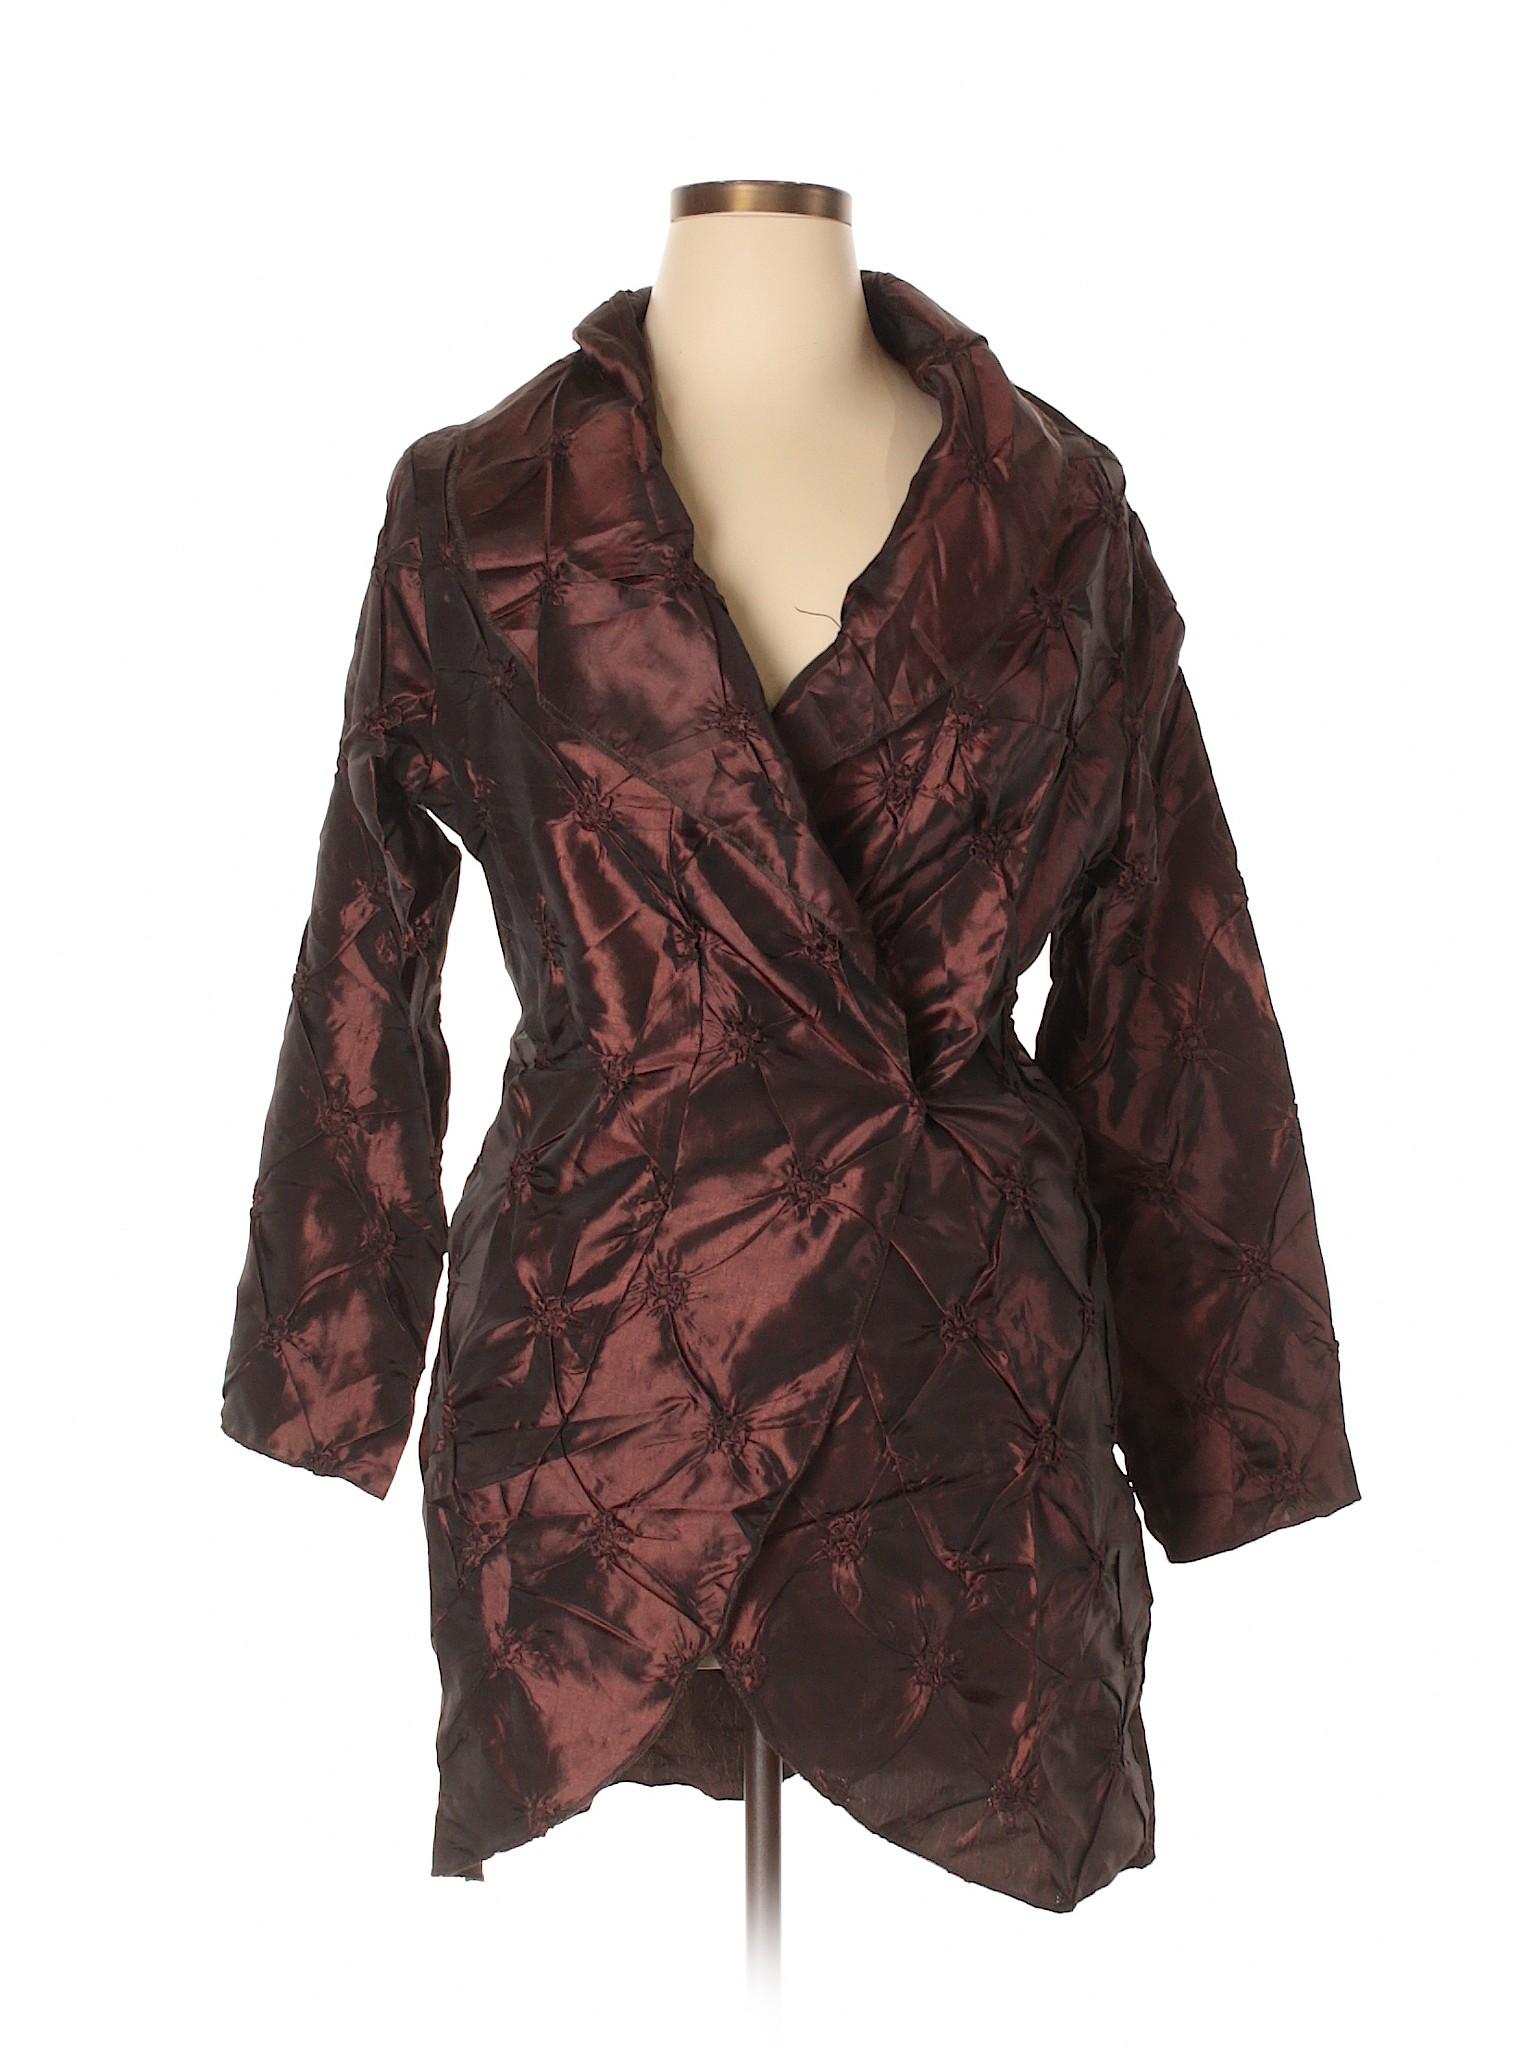 Boutique Boutique Box Jacket Jacket leisure Box Silk Silk leisure Boutique 86Exxt